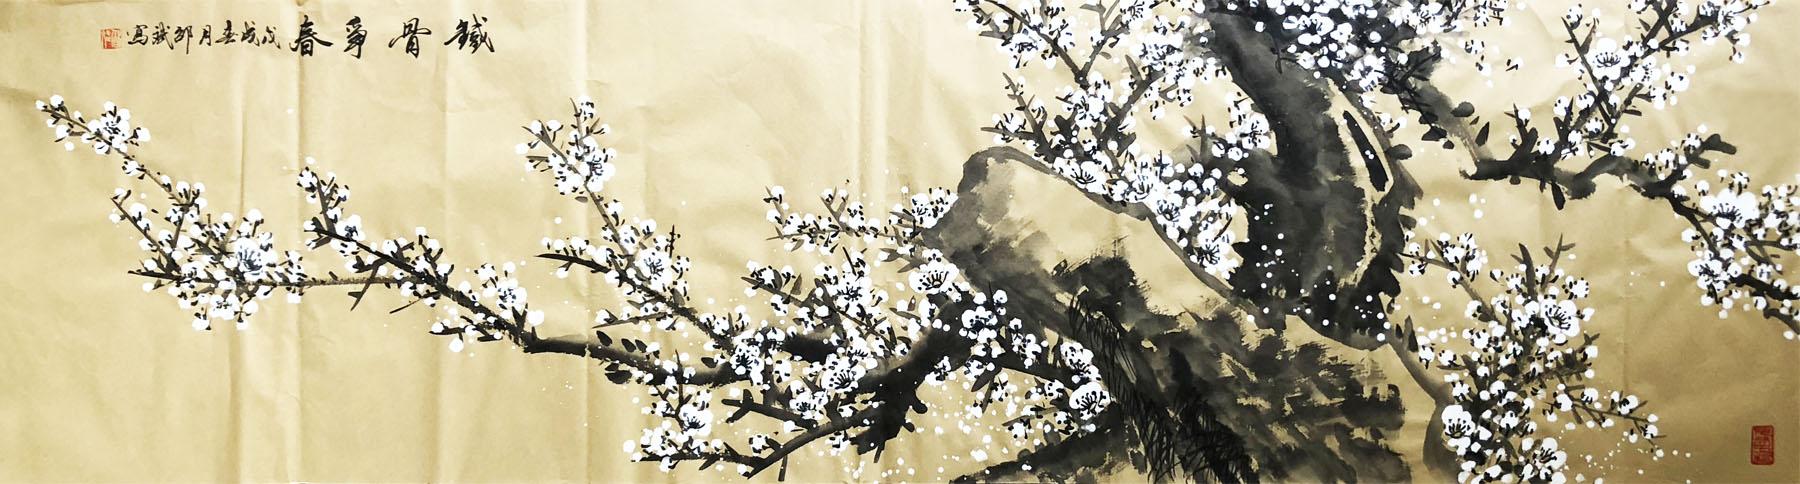 铁骨争春 白梅、梅花 四尺横幅 戊戌春月